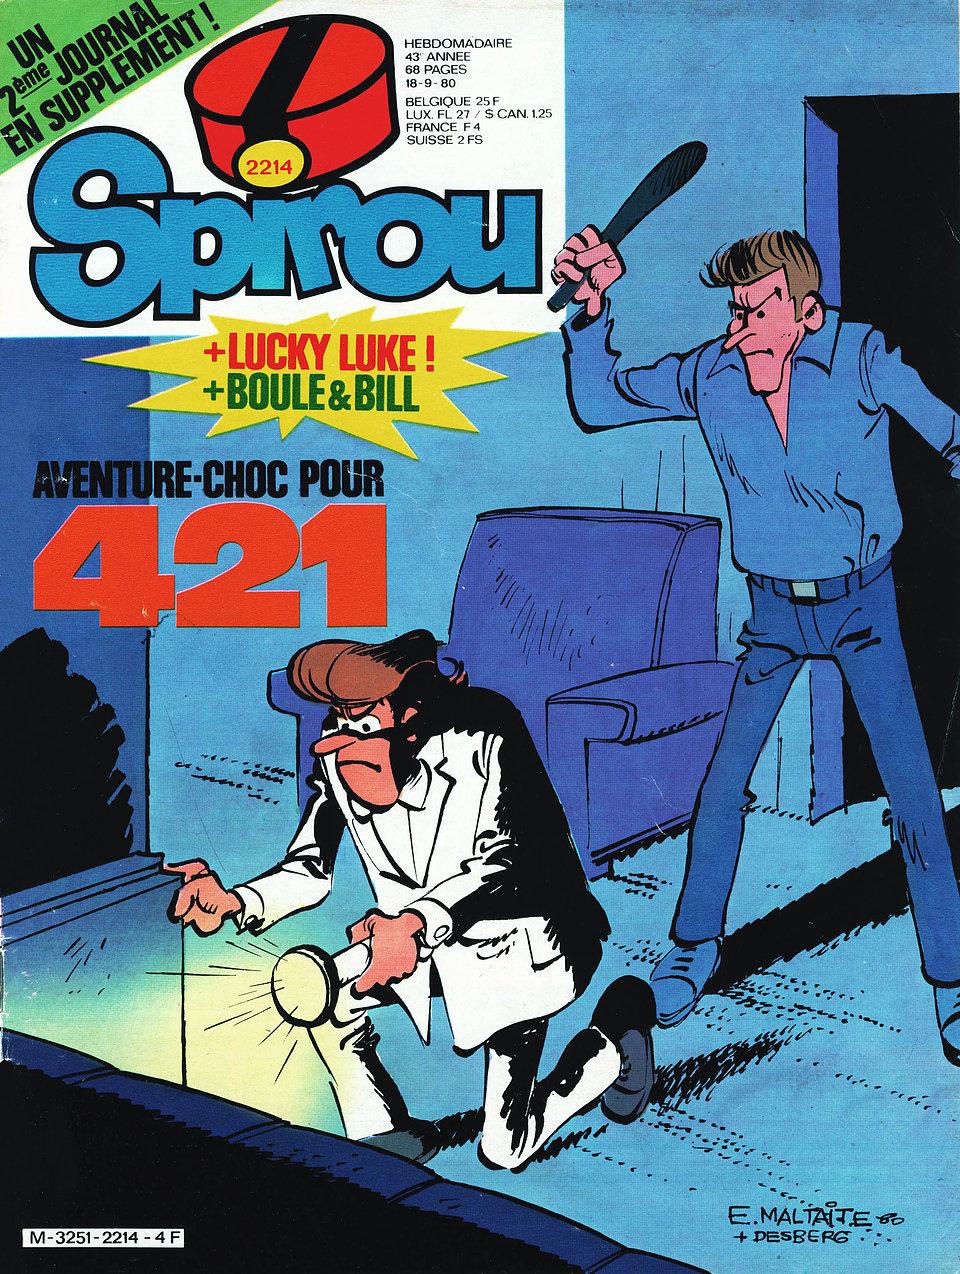 """Couverture de Spirou n°2214 (18 septembre 1980), signée Will, et première planche de """"L'épave et les millions"""", non reprise en album."""